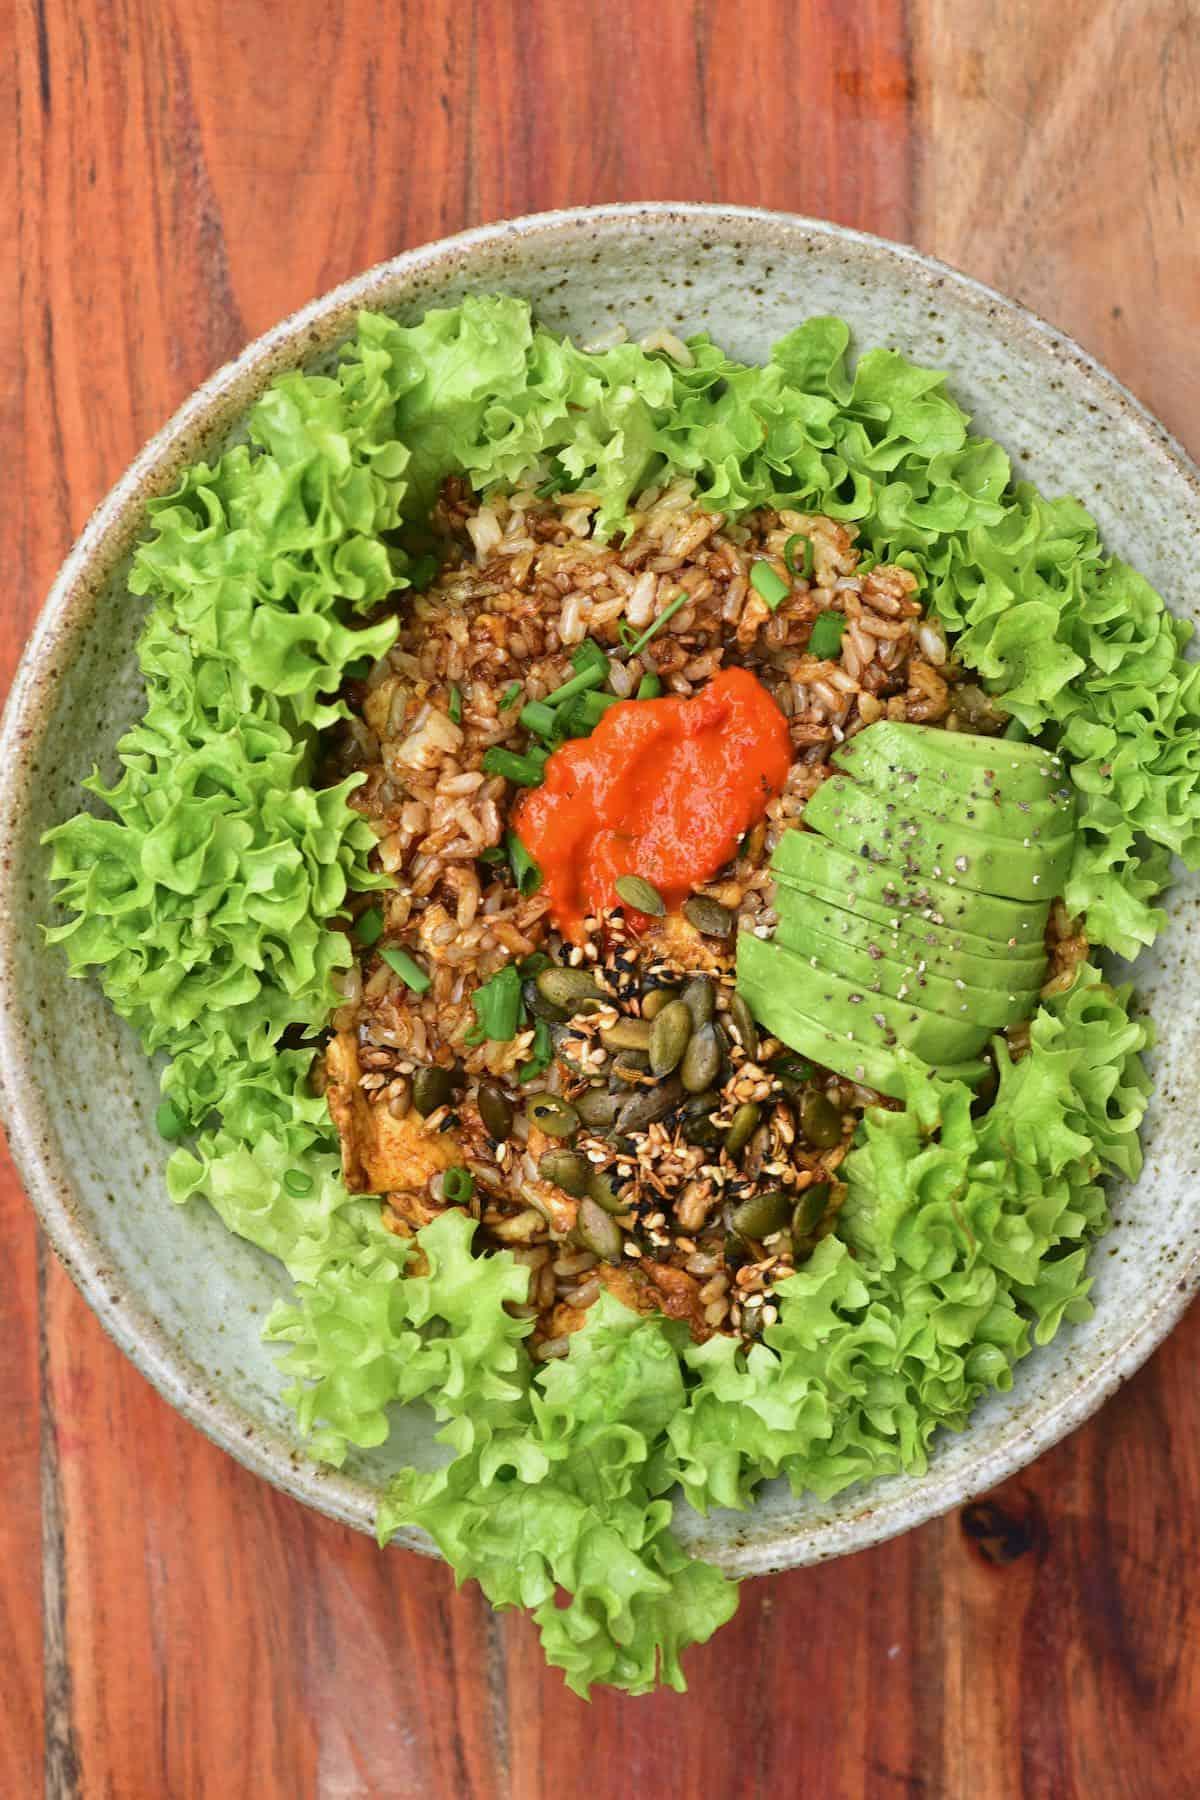 Rice breakfast served over lettuce